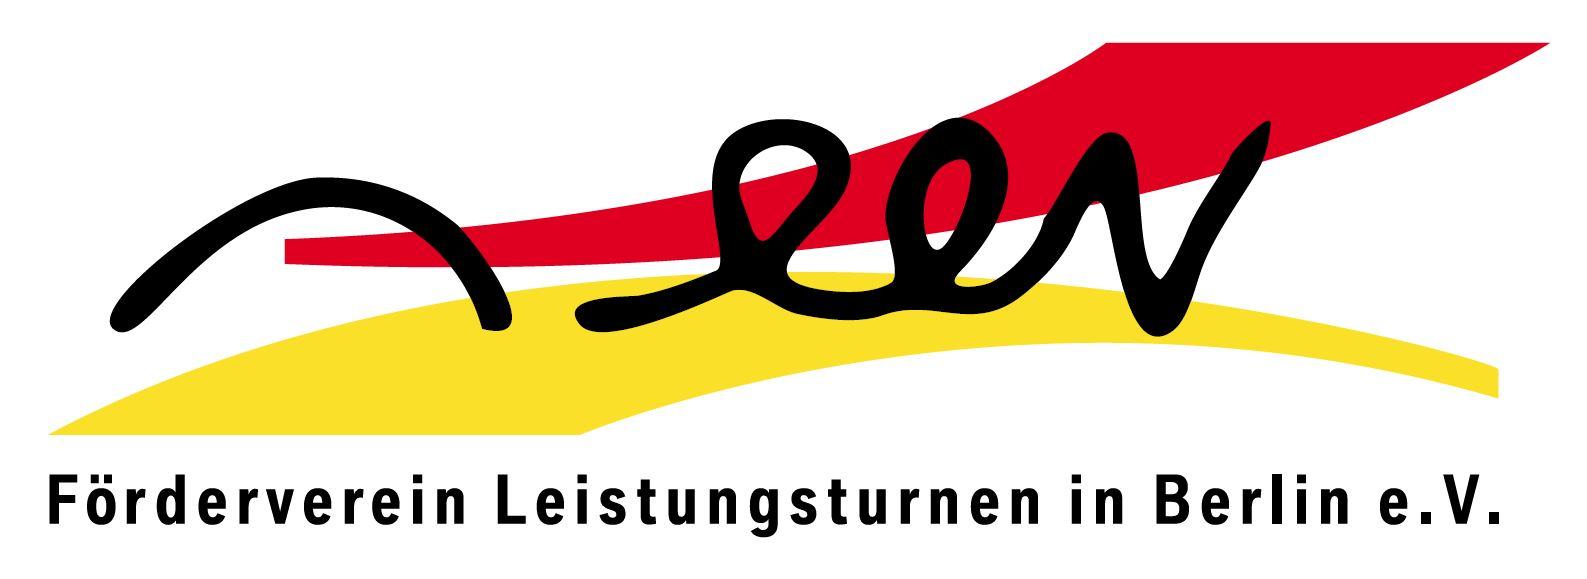 Förderverein Leistungsturnen in Berlin e.V.